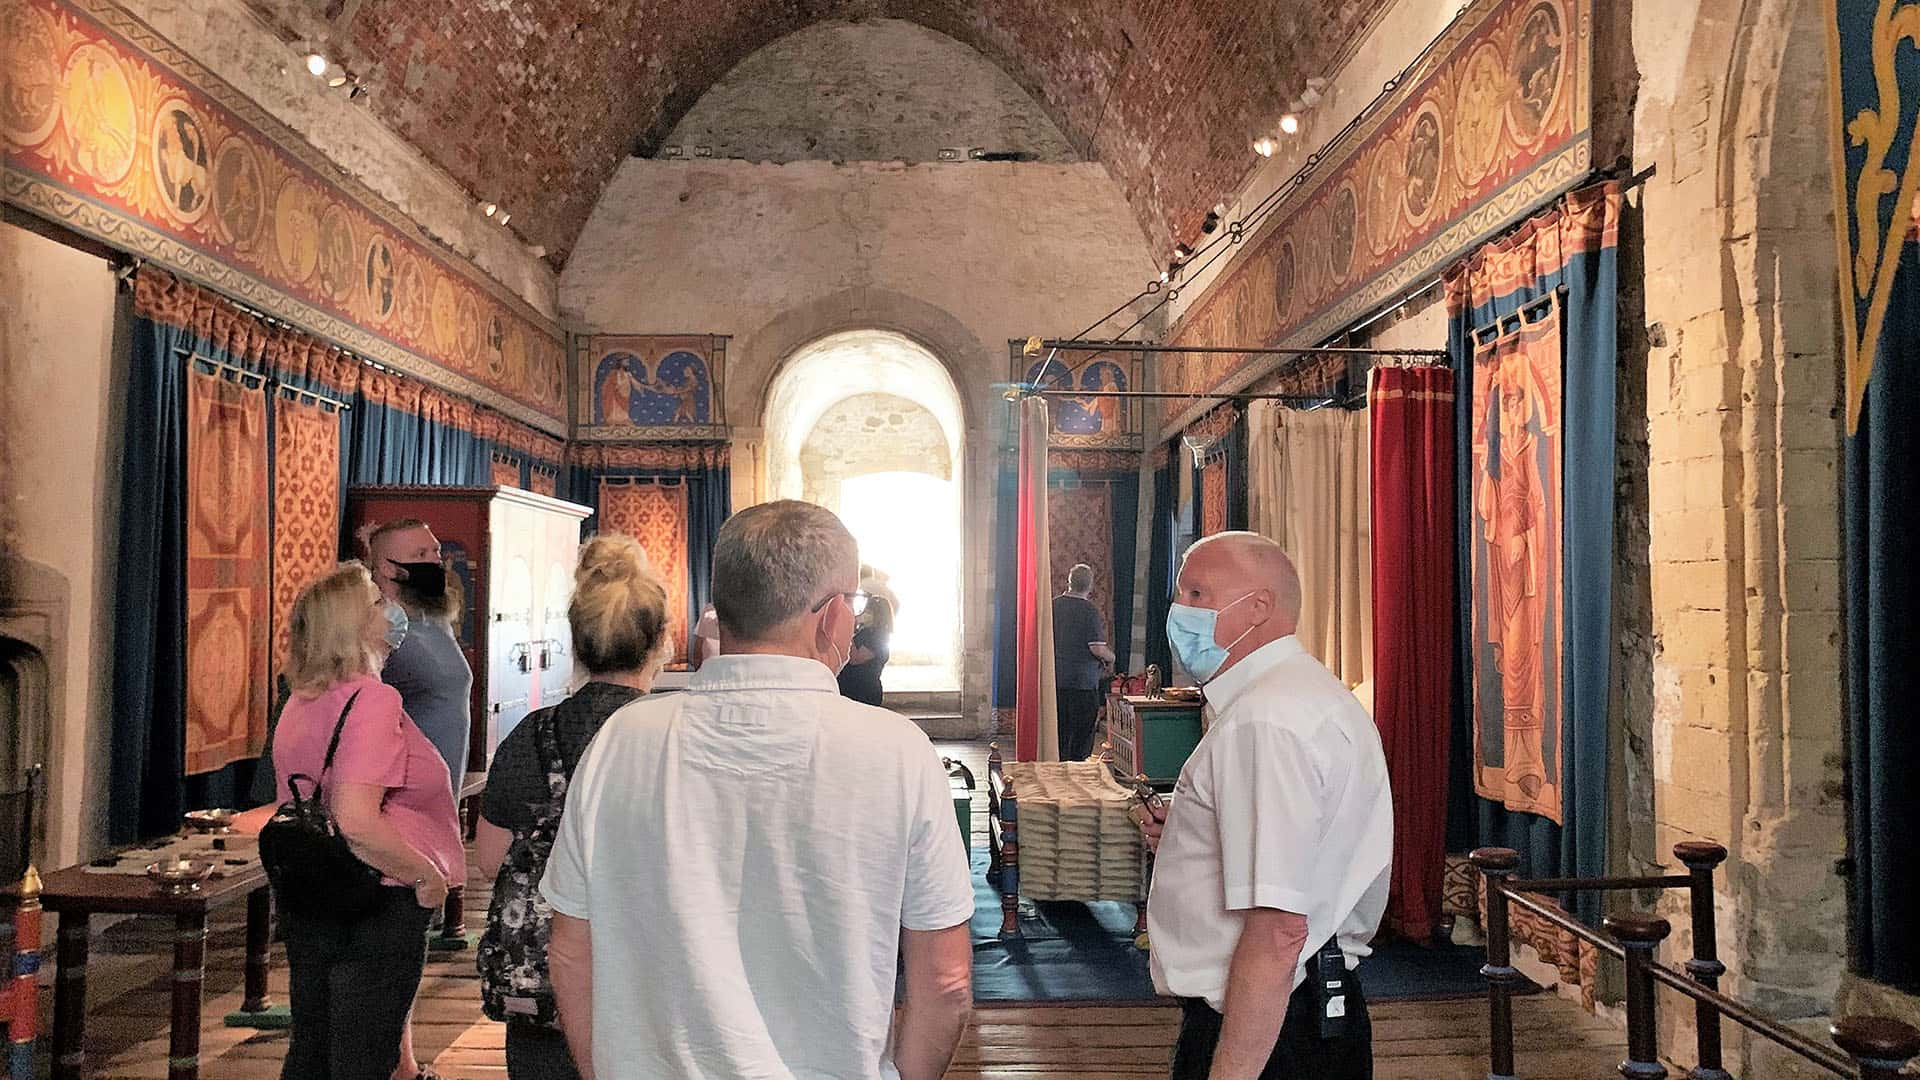 Inside Dover Castle